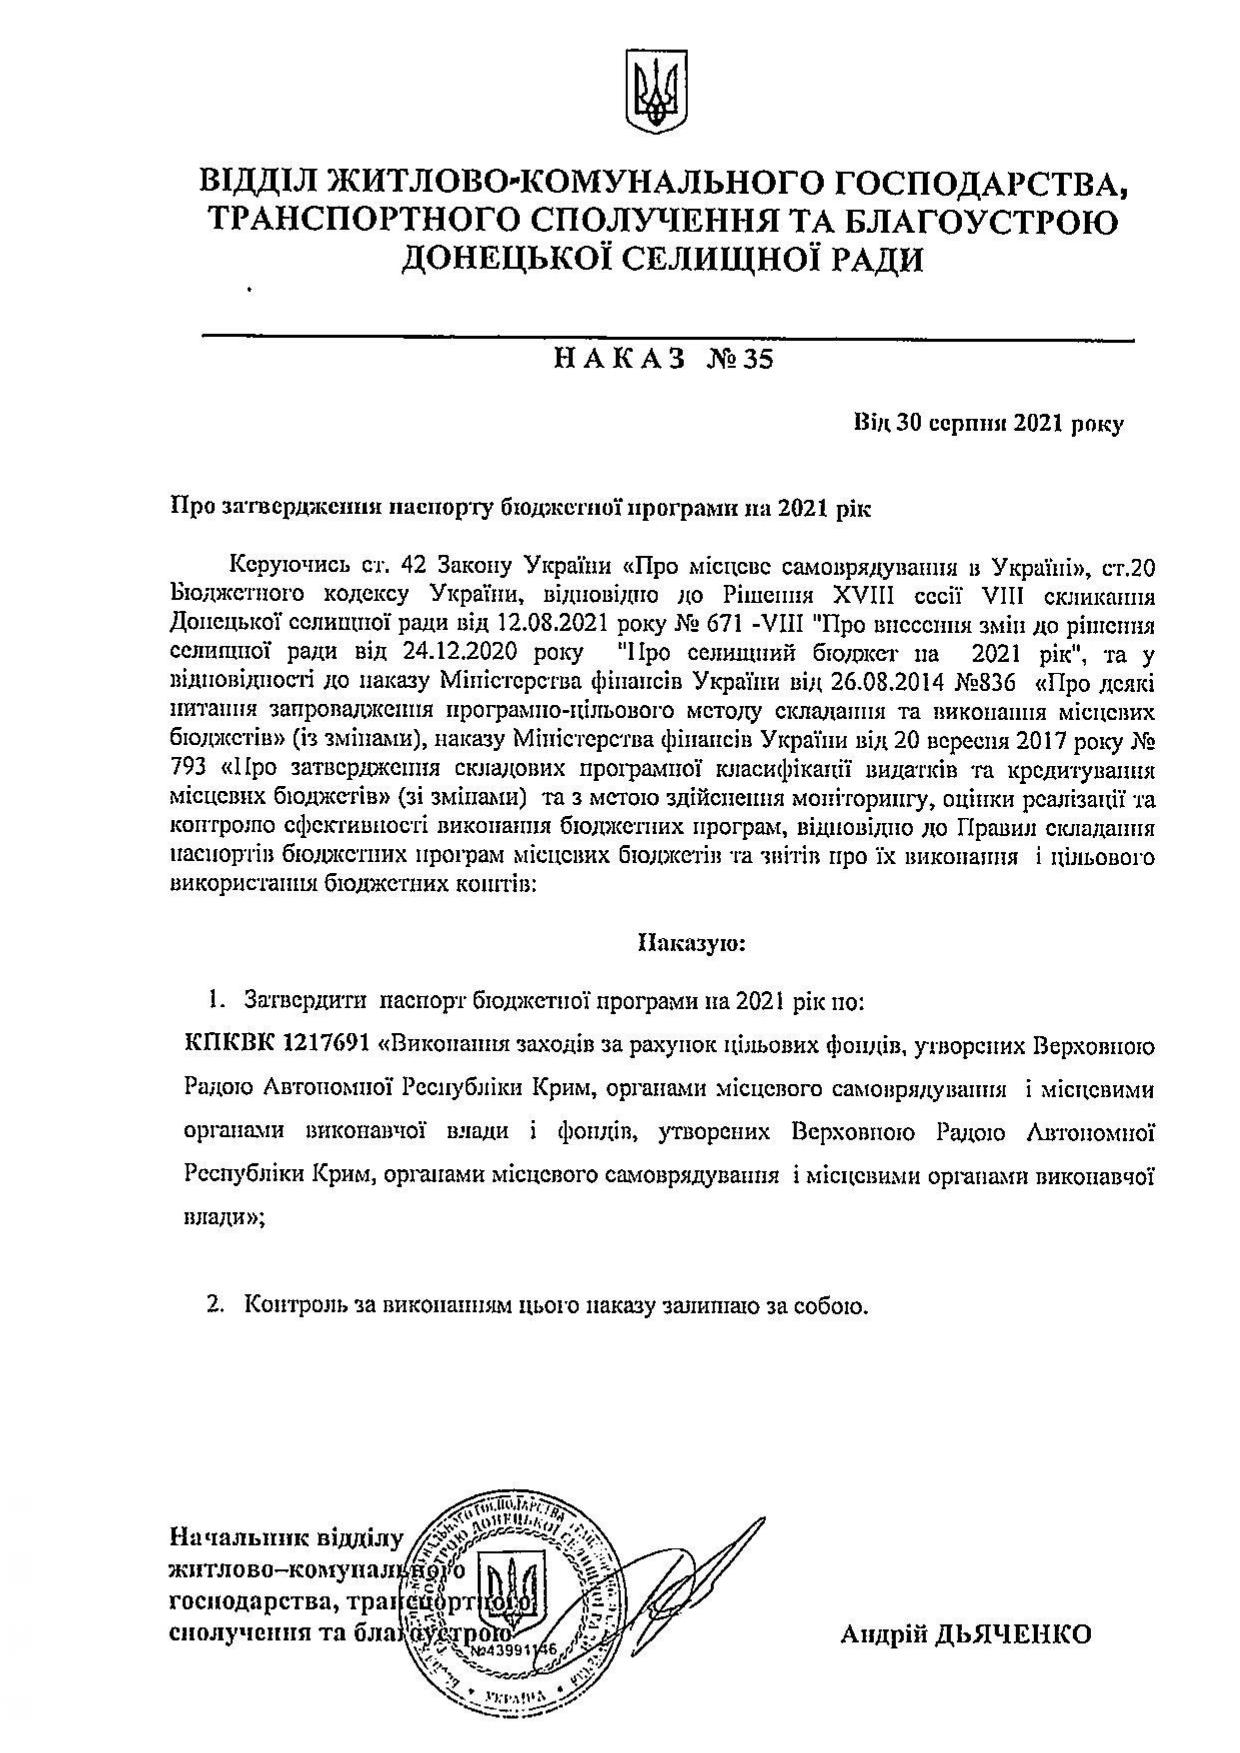 Наказ №35 Про затвердження змін до паспортів бюджетних програм на 2021 рік